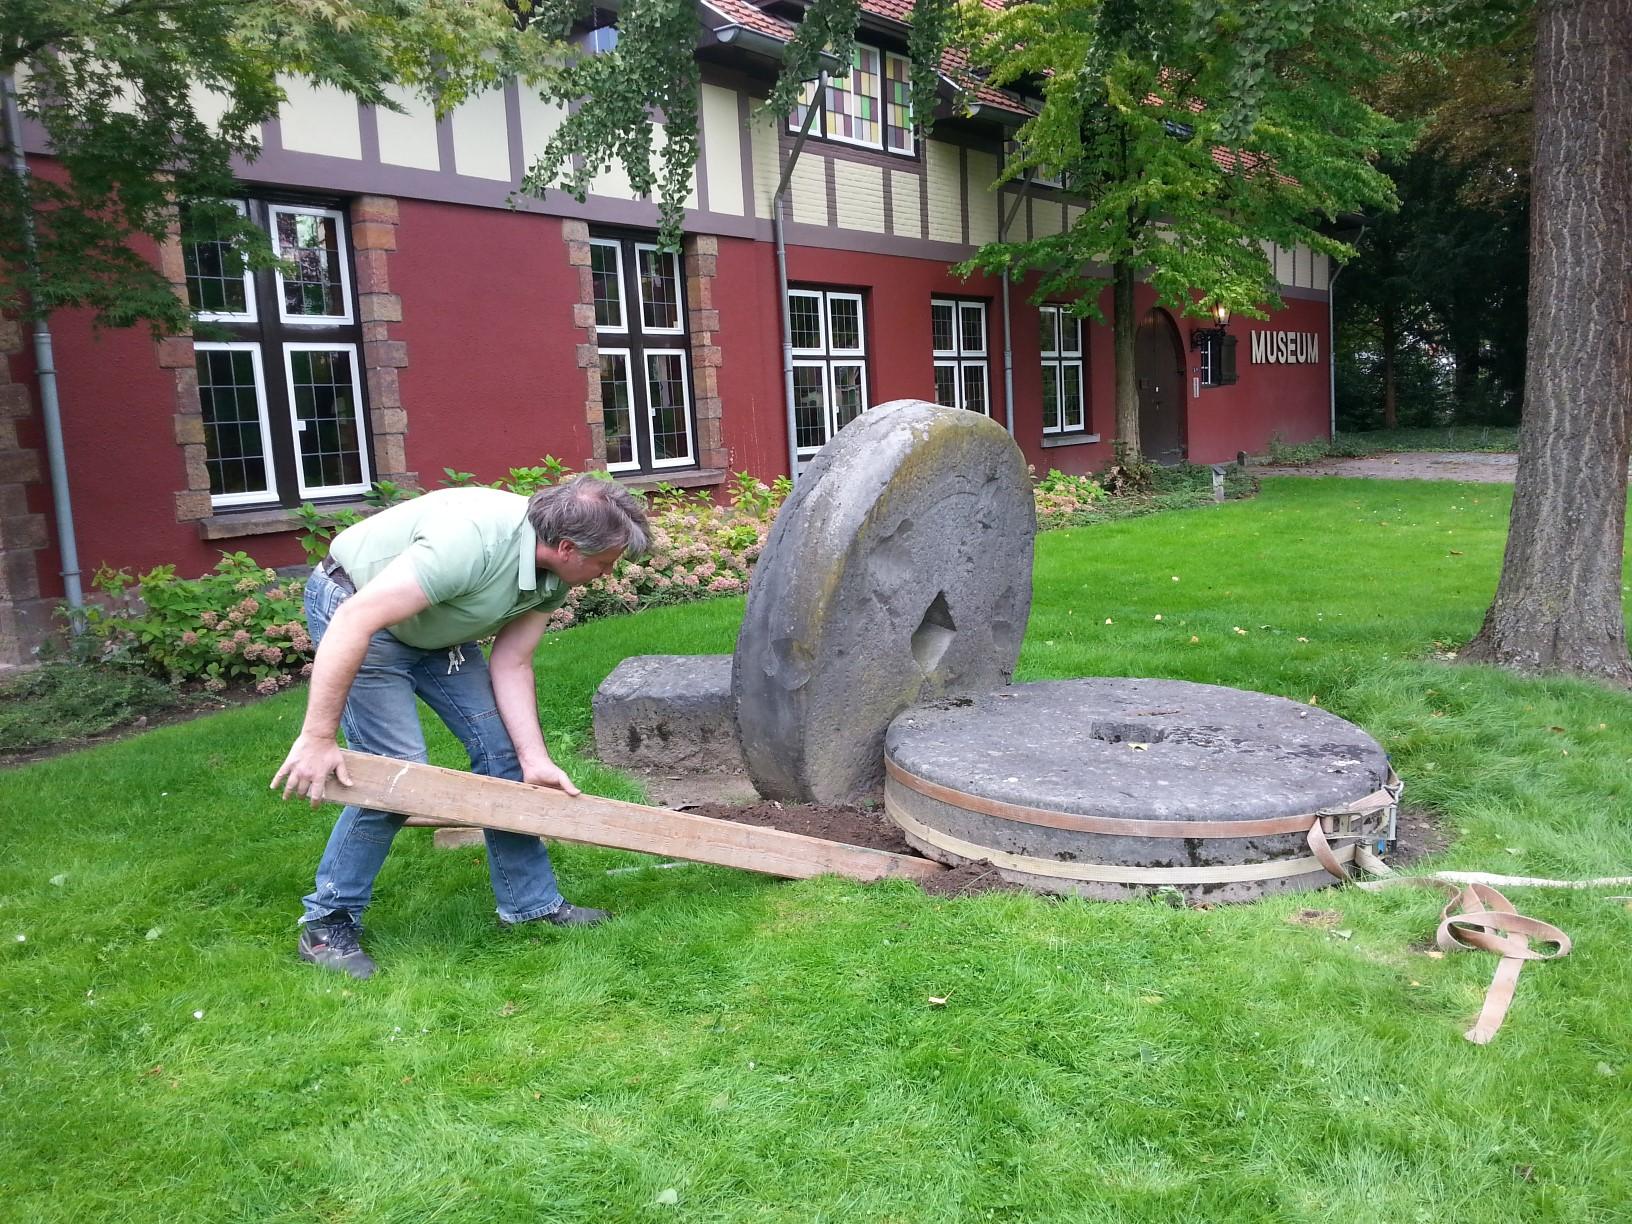 De twee stenen van de kollergang lagen bijna 40 jaar in de tuin van museum De Tiendschuur